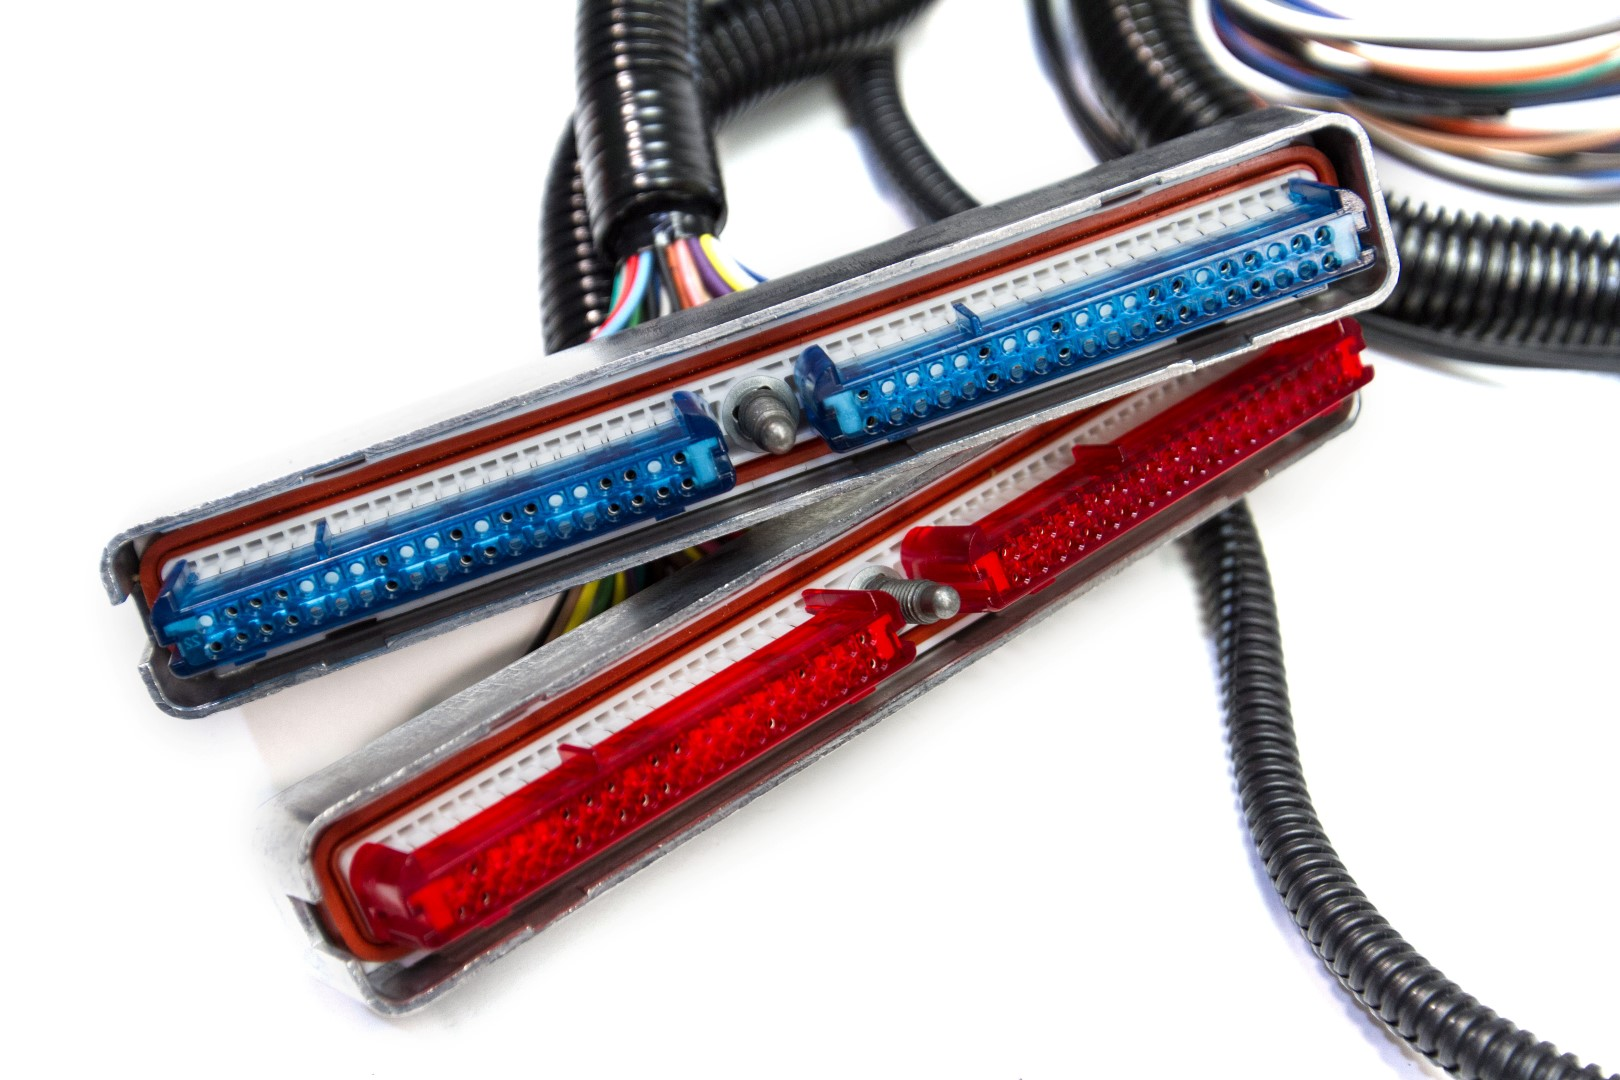 U0026 39 06  Ls3 W  T56  Tr6060 Standalone Wiring